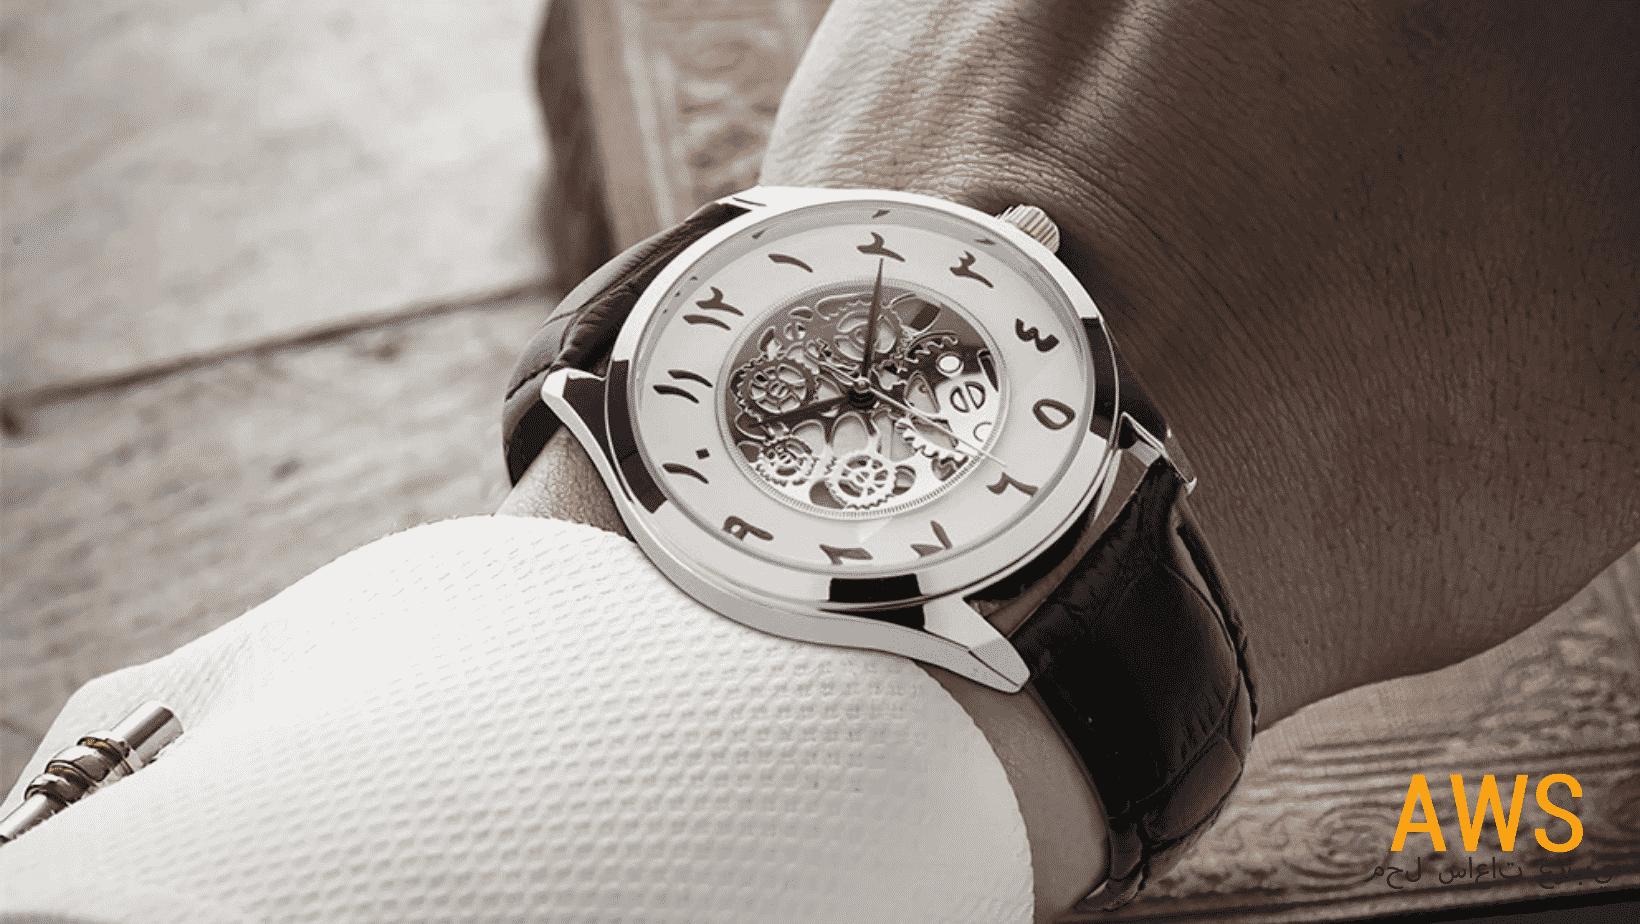 La montre chiffre arabe, la nouvelle mode?